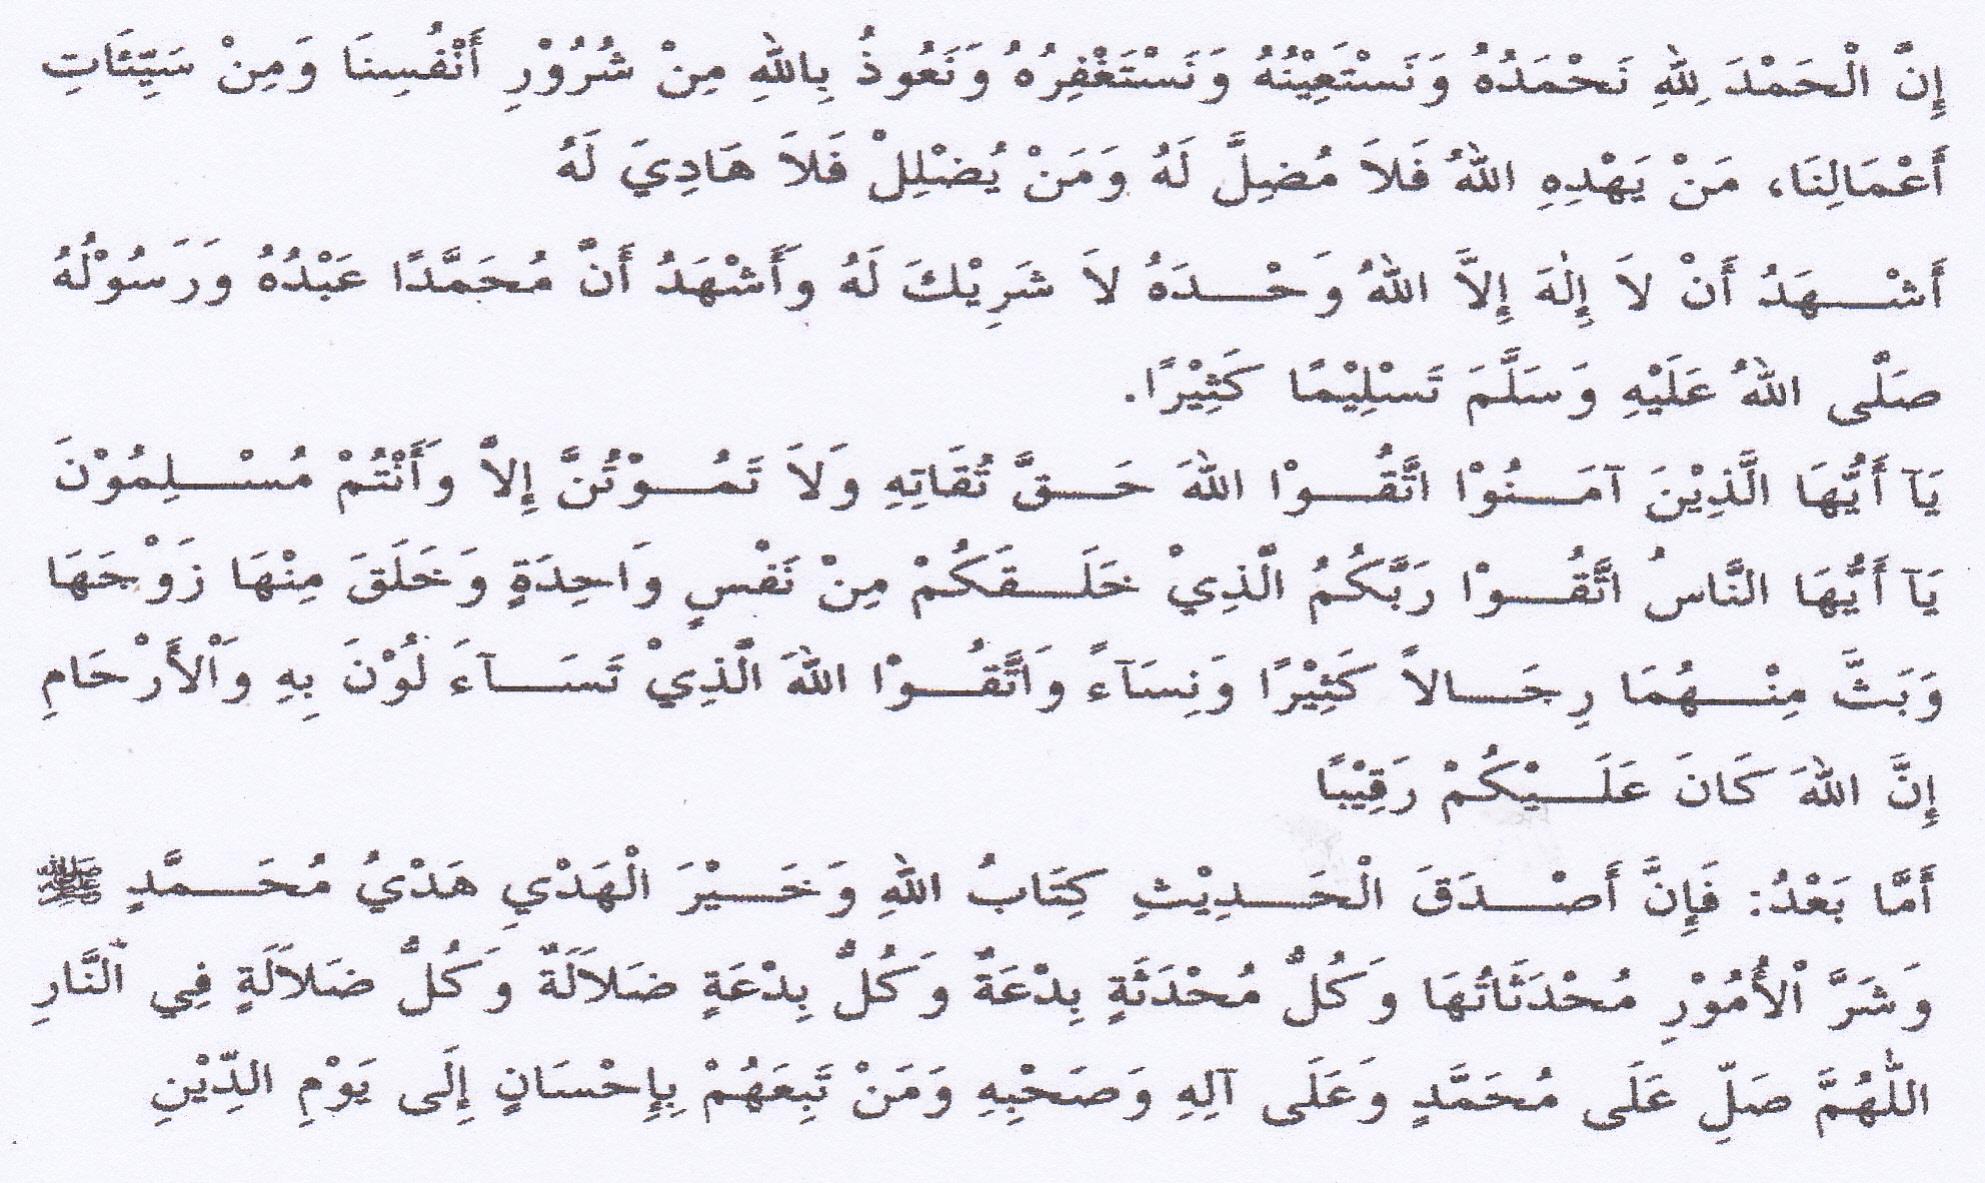 Contoh Ceramah Islam Lengkap Toko Fd Flashdisk Flashdrive